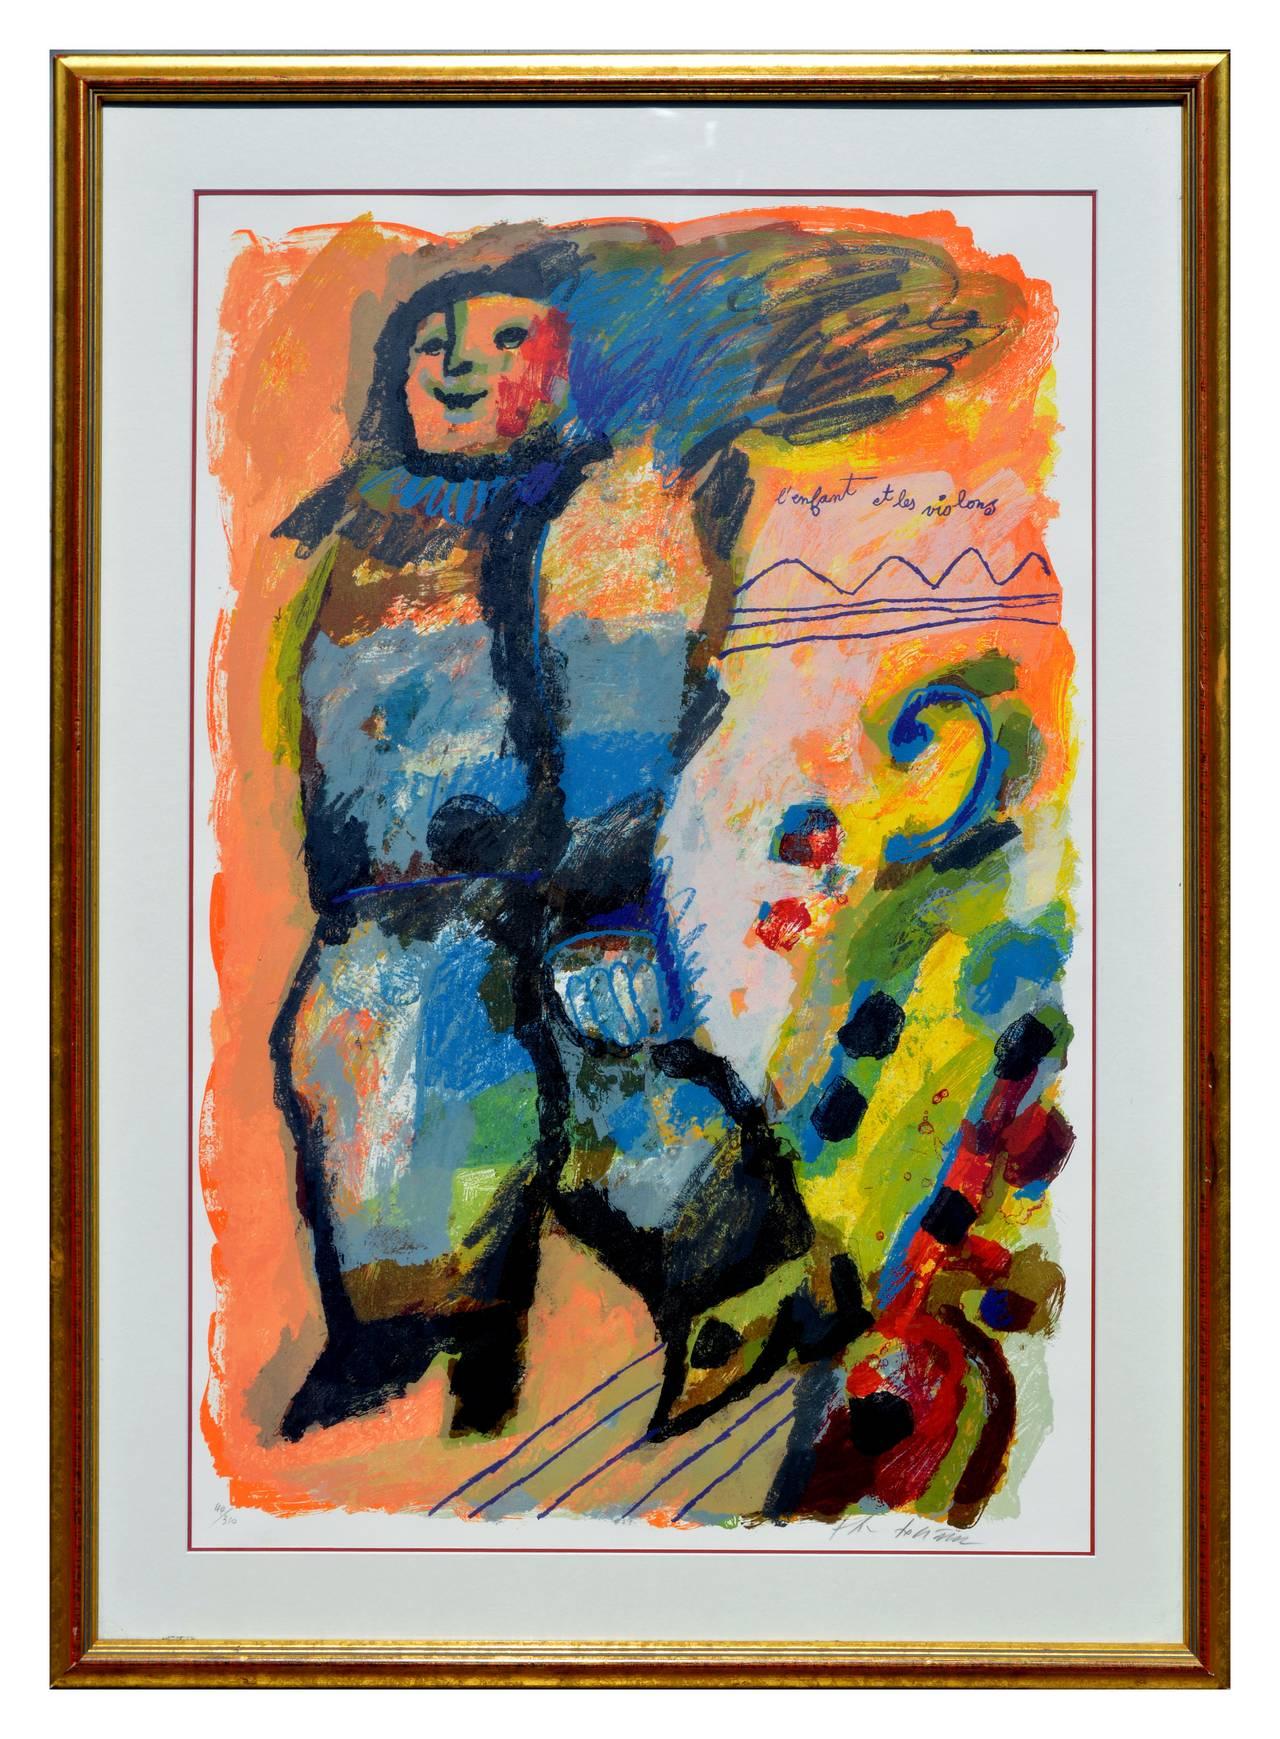 L'enfant et les Violons - Fauvist Abstracted Figurative